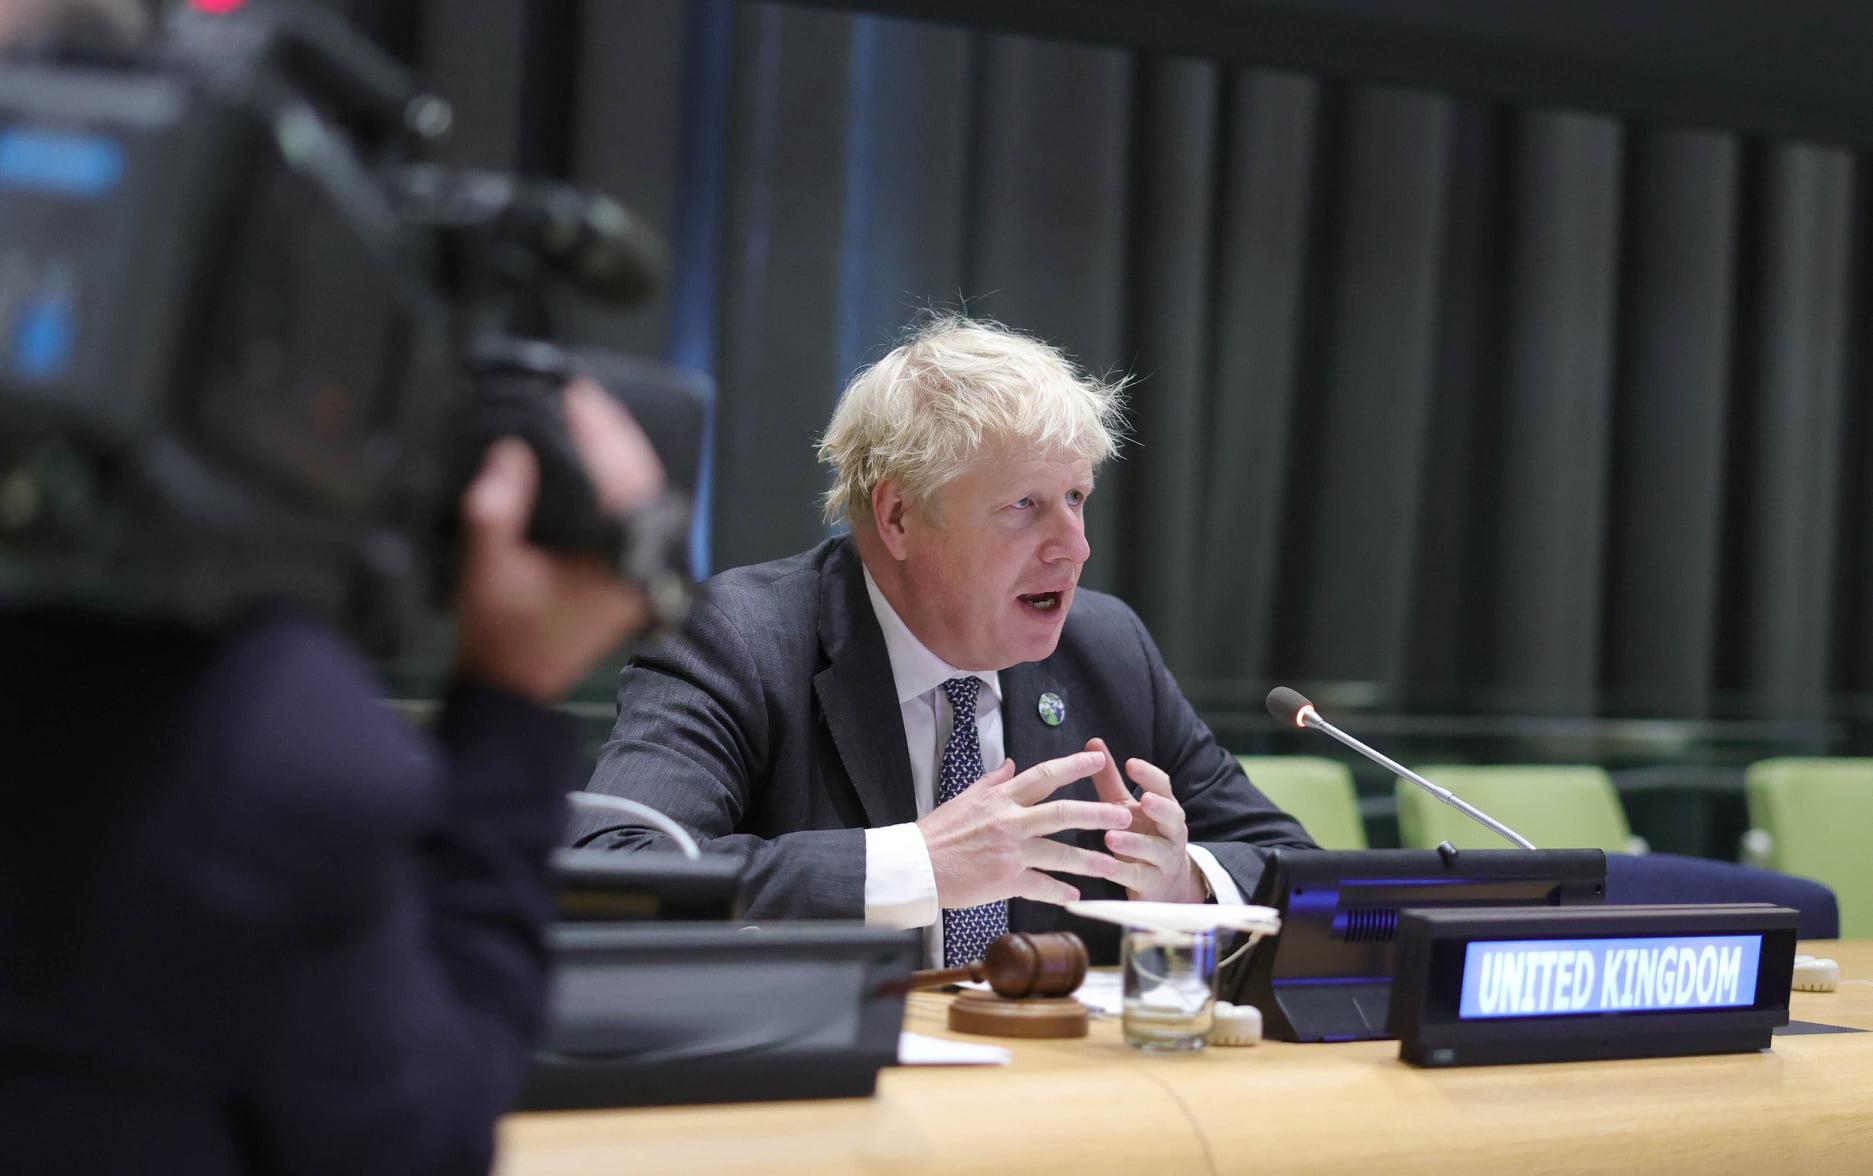 Britský premiér Boris Johnson v projevu na zasedání Valného shromáždění OSN v New Yorku vyzval lidstvo, aby dospělo a bojovalo proti klimatickým změnám. Podle Johnsona se svět blíží k bodu zlomu a státy musí konečné převzít odpovědnost za ničení planety.